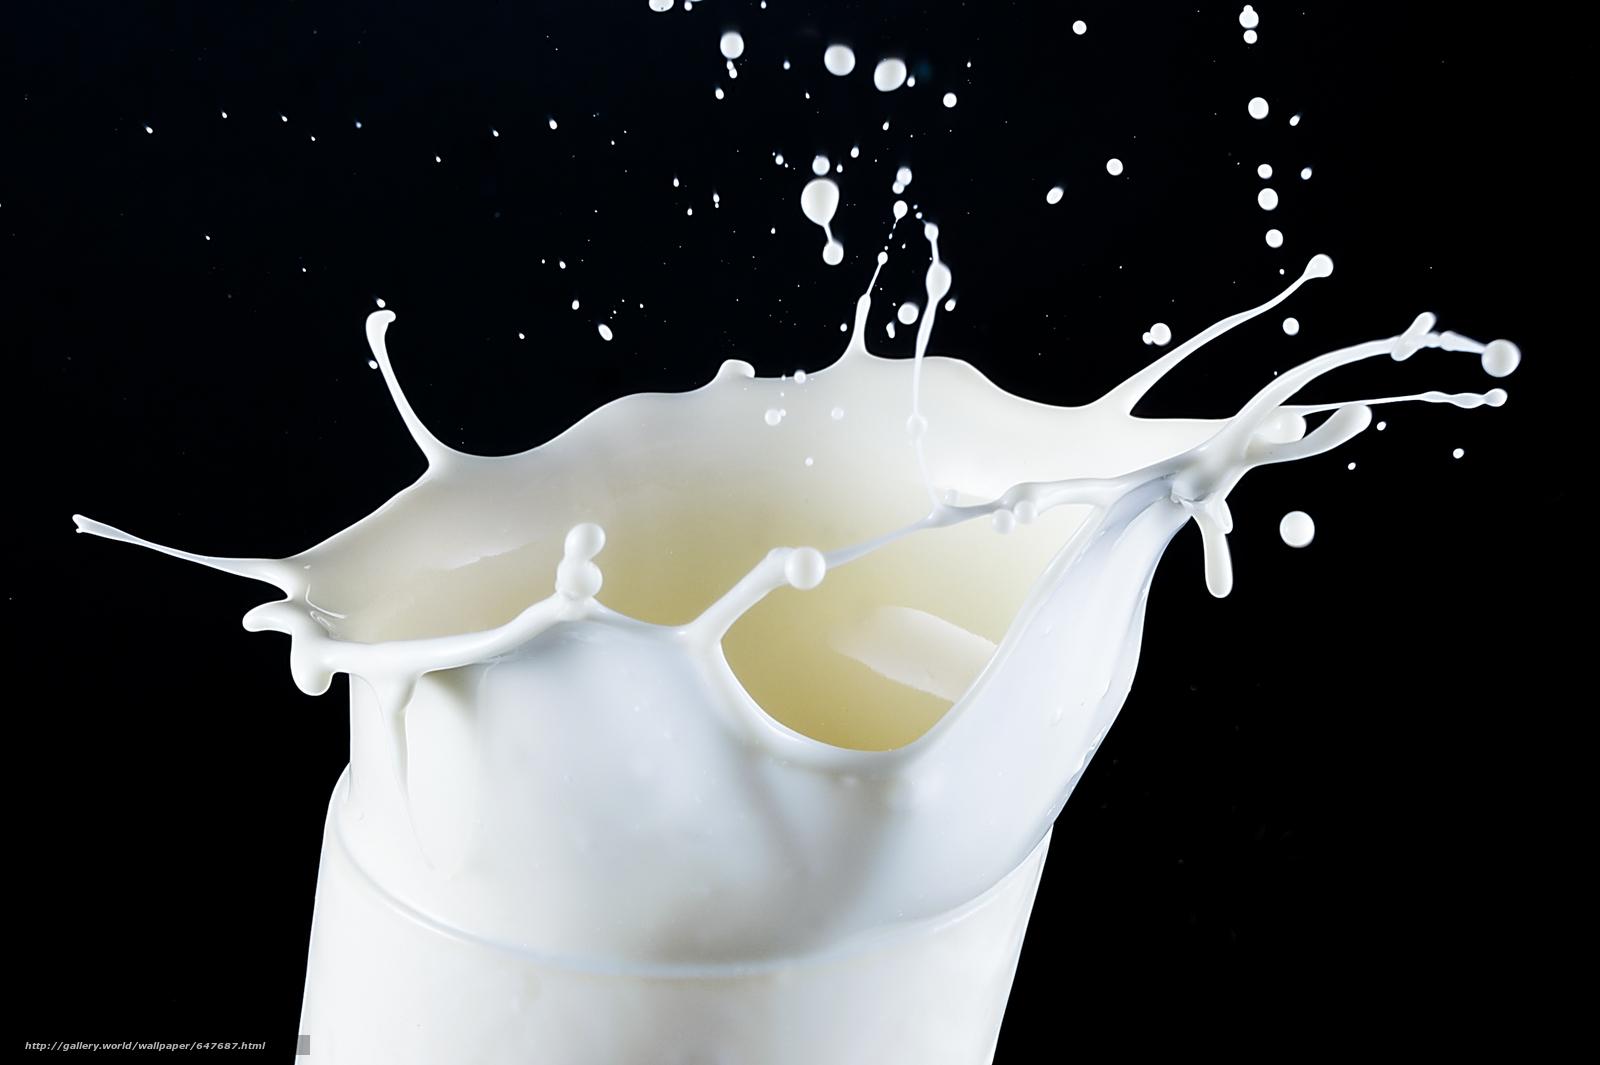 Скачать обои молоко,  капли,  брызги бесплатно для рабочего стола в разрешении 2532x1686 — картинка №647687